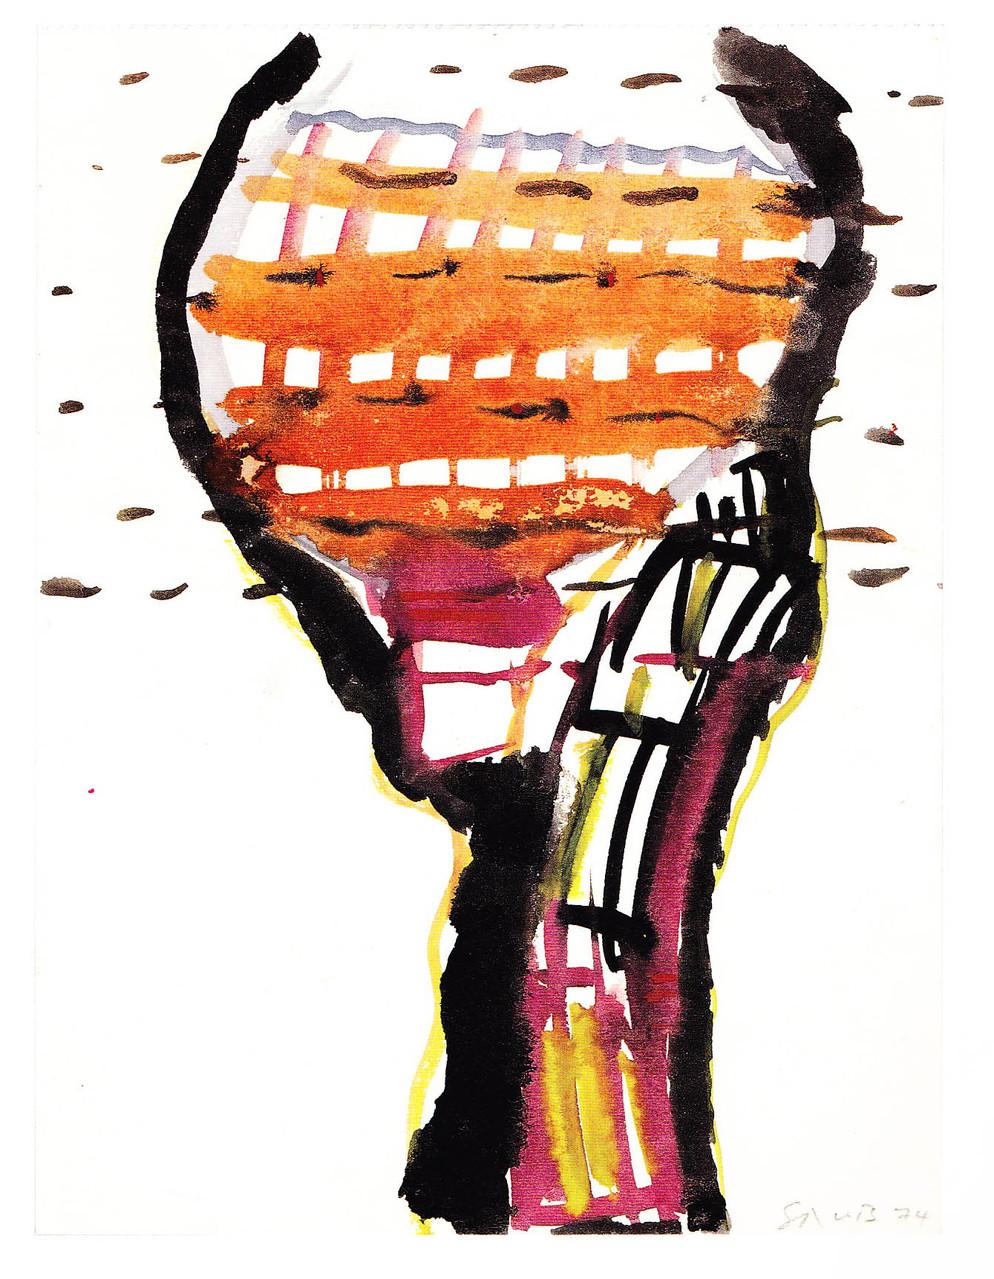 Klopfzeichen, 1974, Deckfarbe/Papier, 19,8x14,8 cm